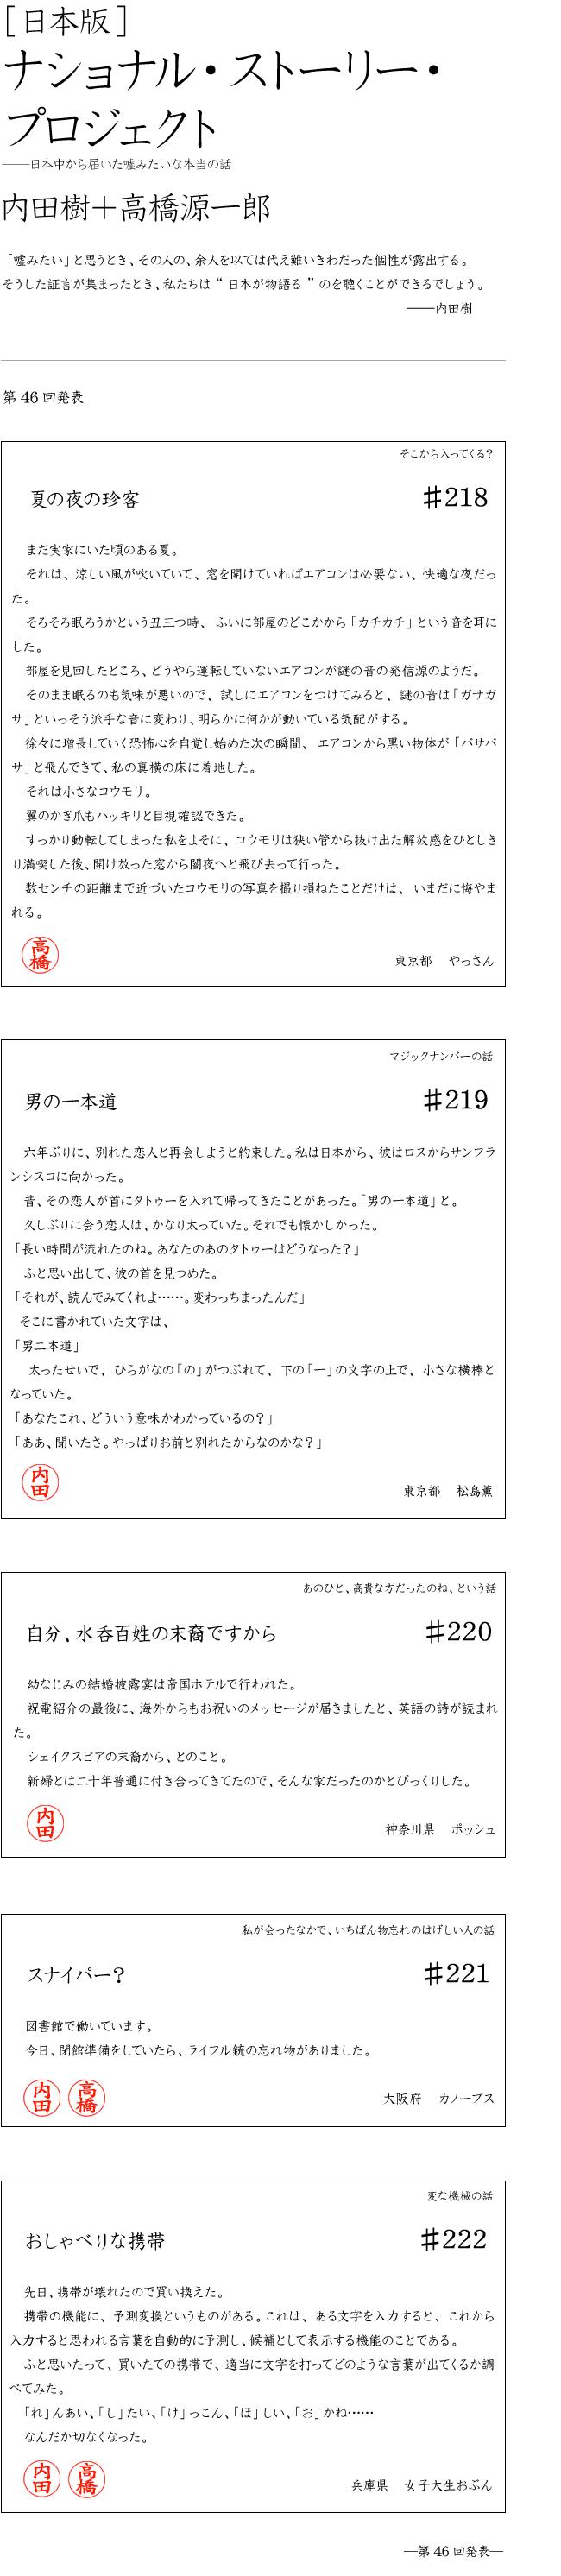 """日本版 ナショナル・ストーリー・プロジェクト 内田樹 高橋源一郎 第46回発表  「嘘みたい」と思うとき、その人の、余人を以ては代え難いきわだった個性が露出する。 そうした証言が集まったとき、私たちは""""日本が物語る""""のを聴くことができるでしょう。 ――内田樹"""